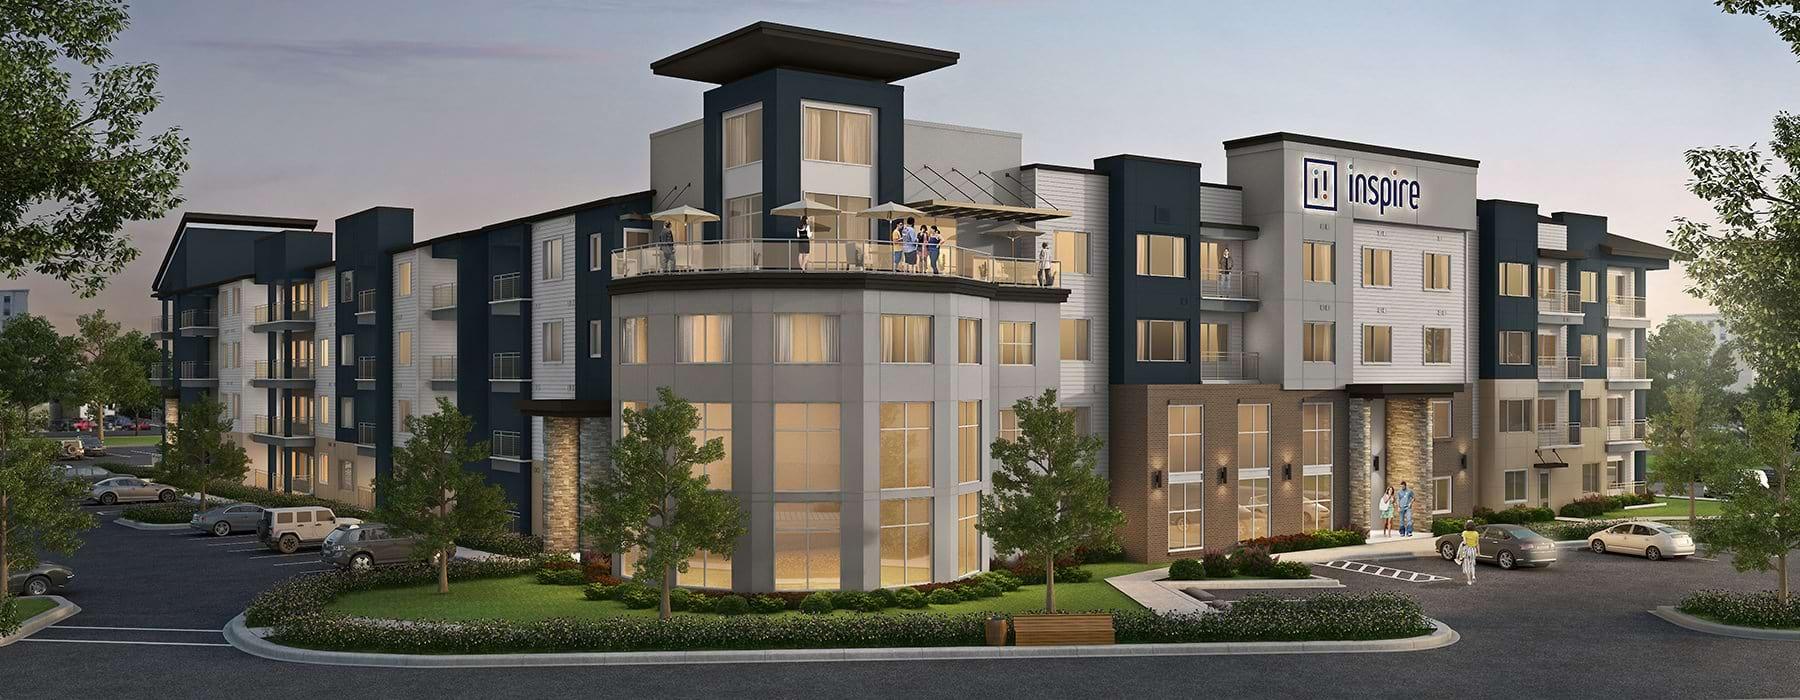 exterior rendering of Inspire